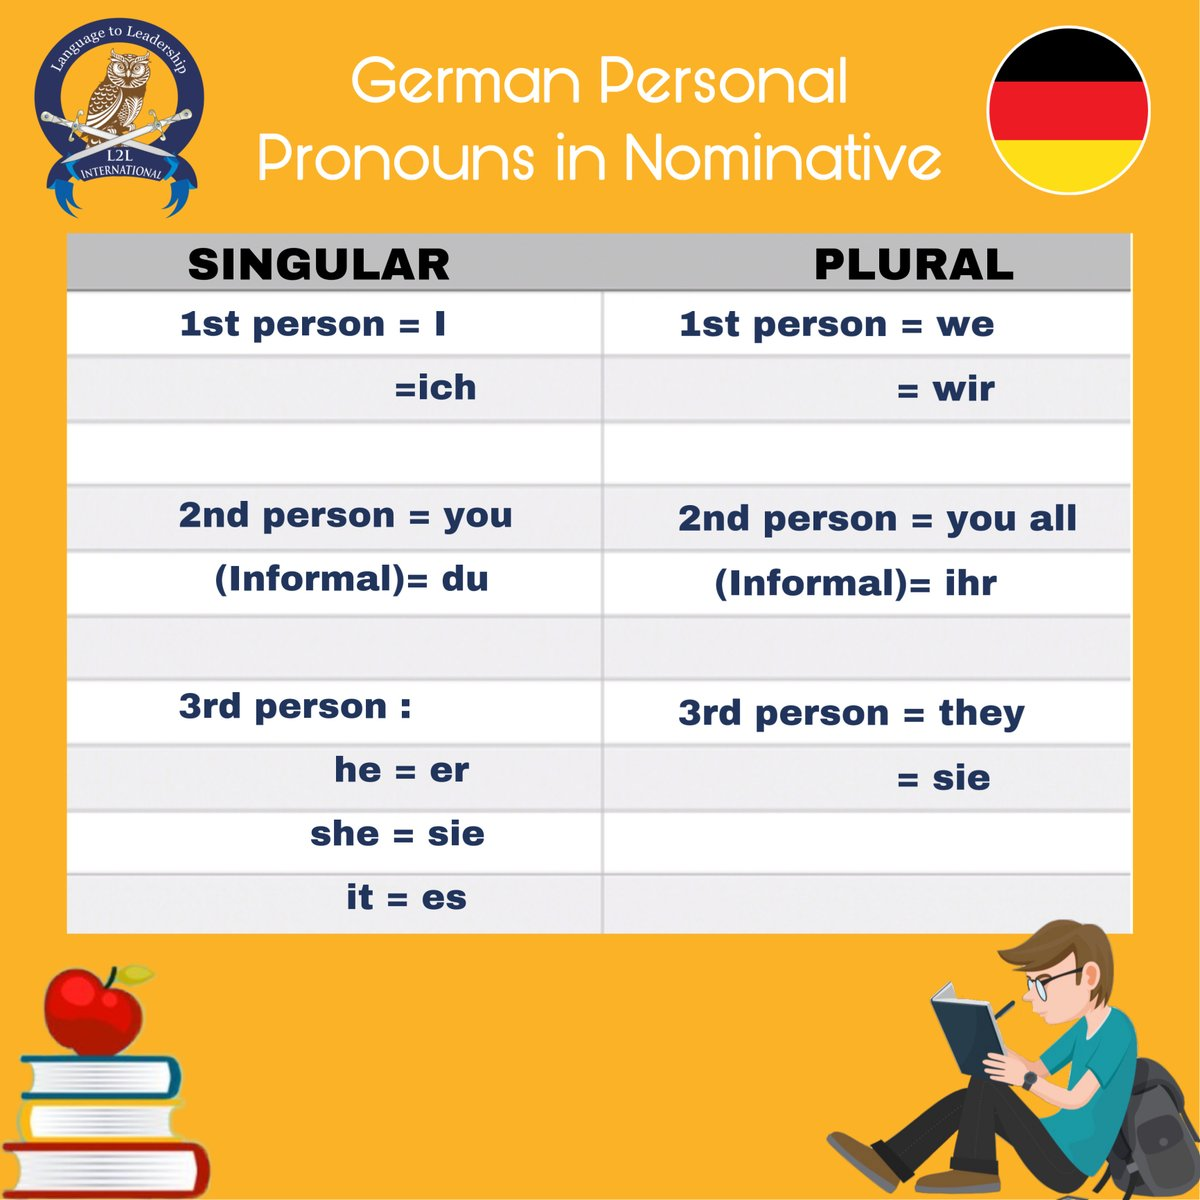 Learn German Personal Pronouns in Nominative! #personalpronouns #pronouns #nominative #grammer #germanphrases #germangrammer #german #germany #germanoftheday #germanword #wortschatz #deutschlernen #deutschesprache #germanwords #germancourse #germanclass #deutschkurs #learnpic.twitter.com/lbZo811EWI